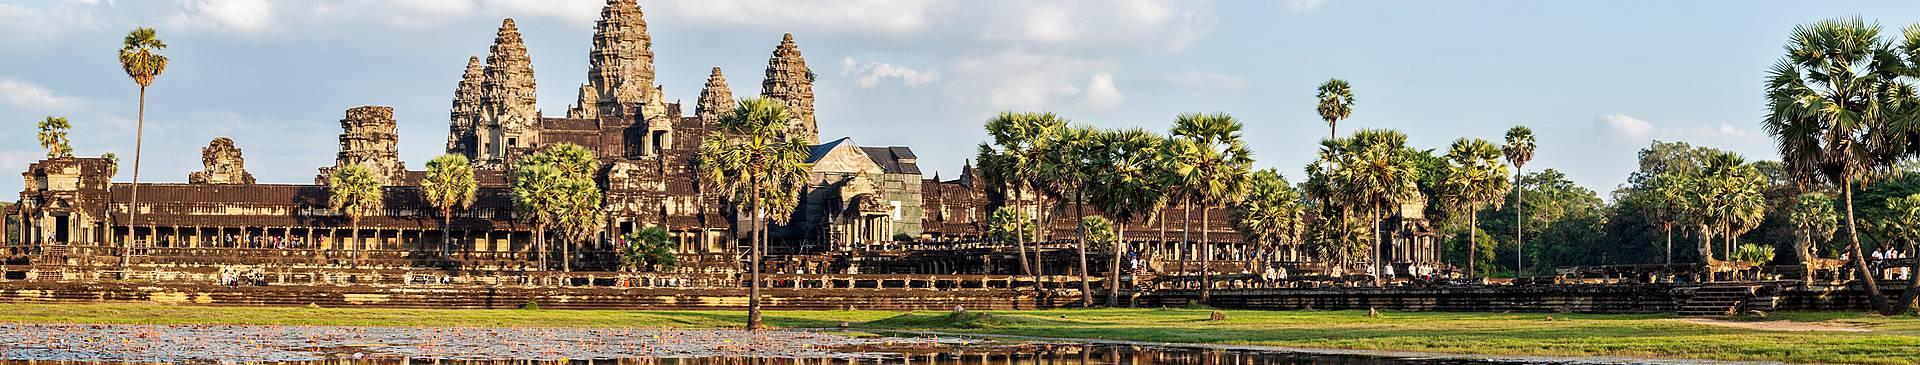 Viaggi in Cambogia in autunno